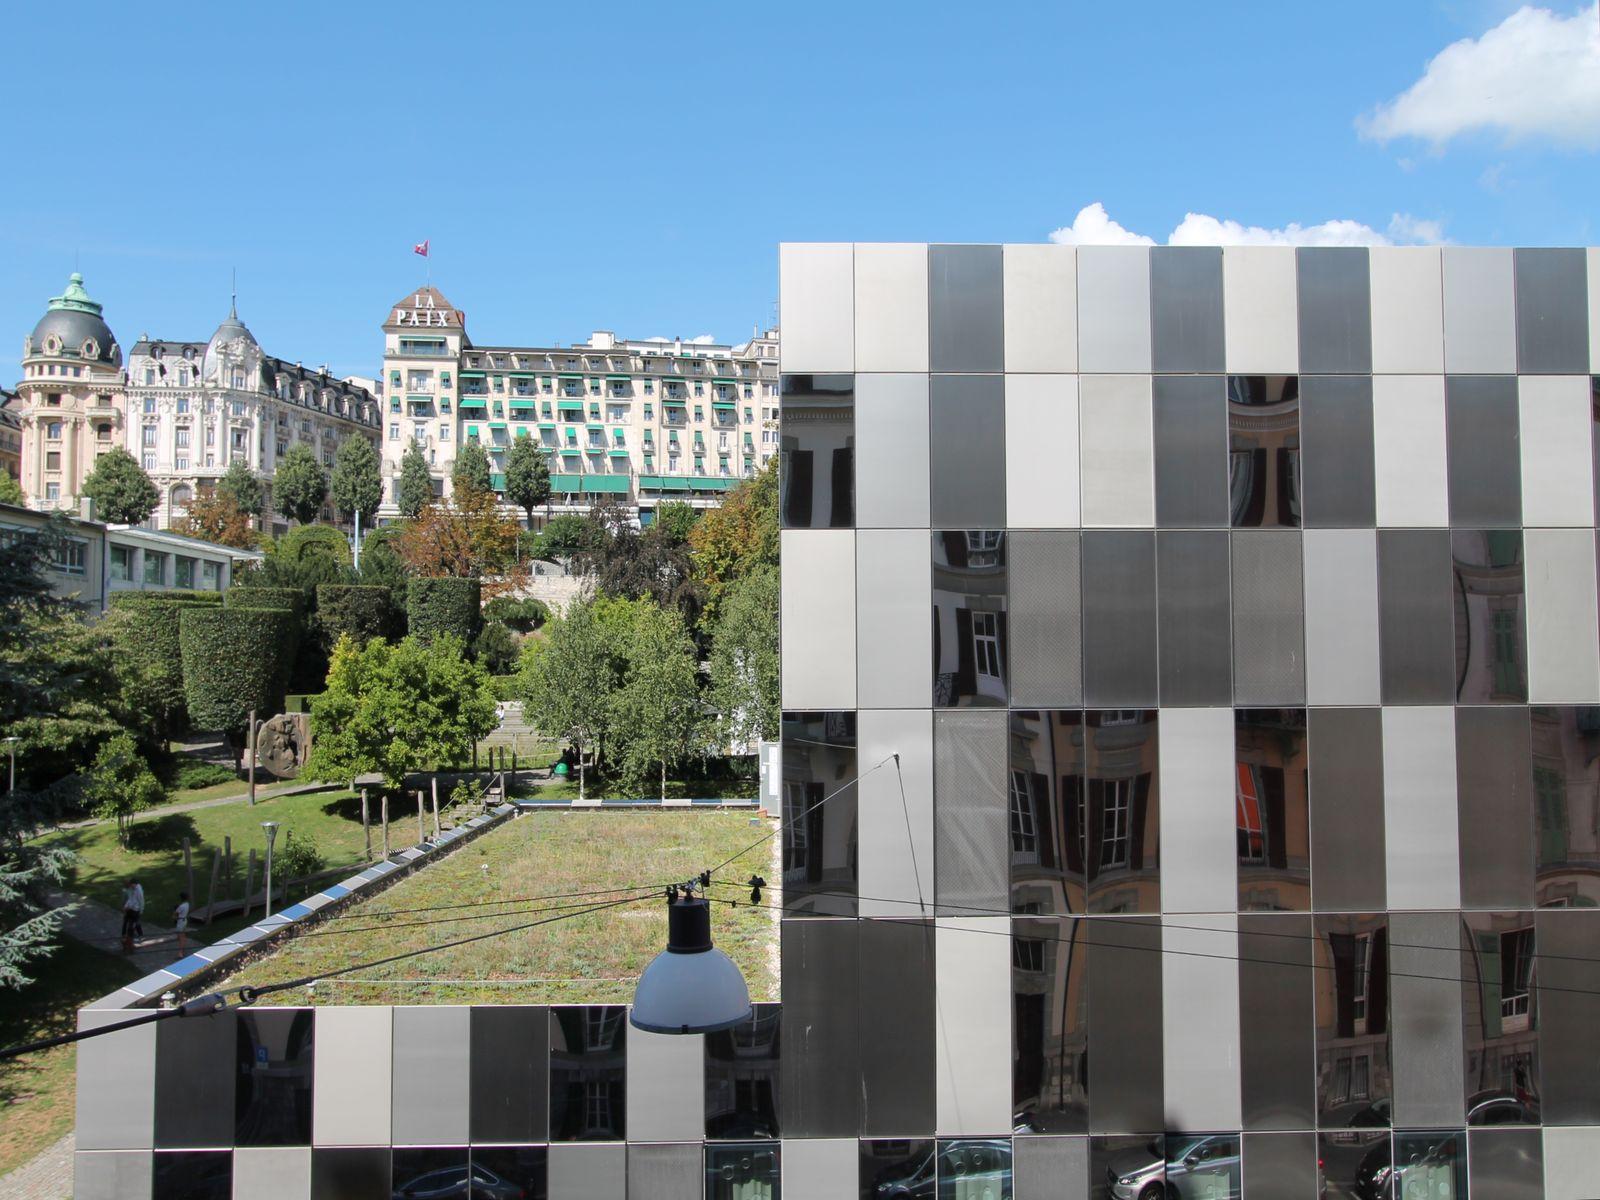 Magnifique vue sur la promenade Jean Villard-Gilles et sur l'Opera de Lausanne